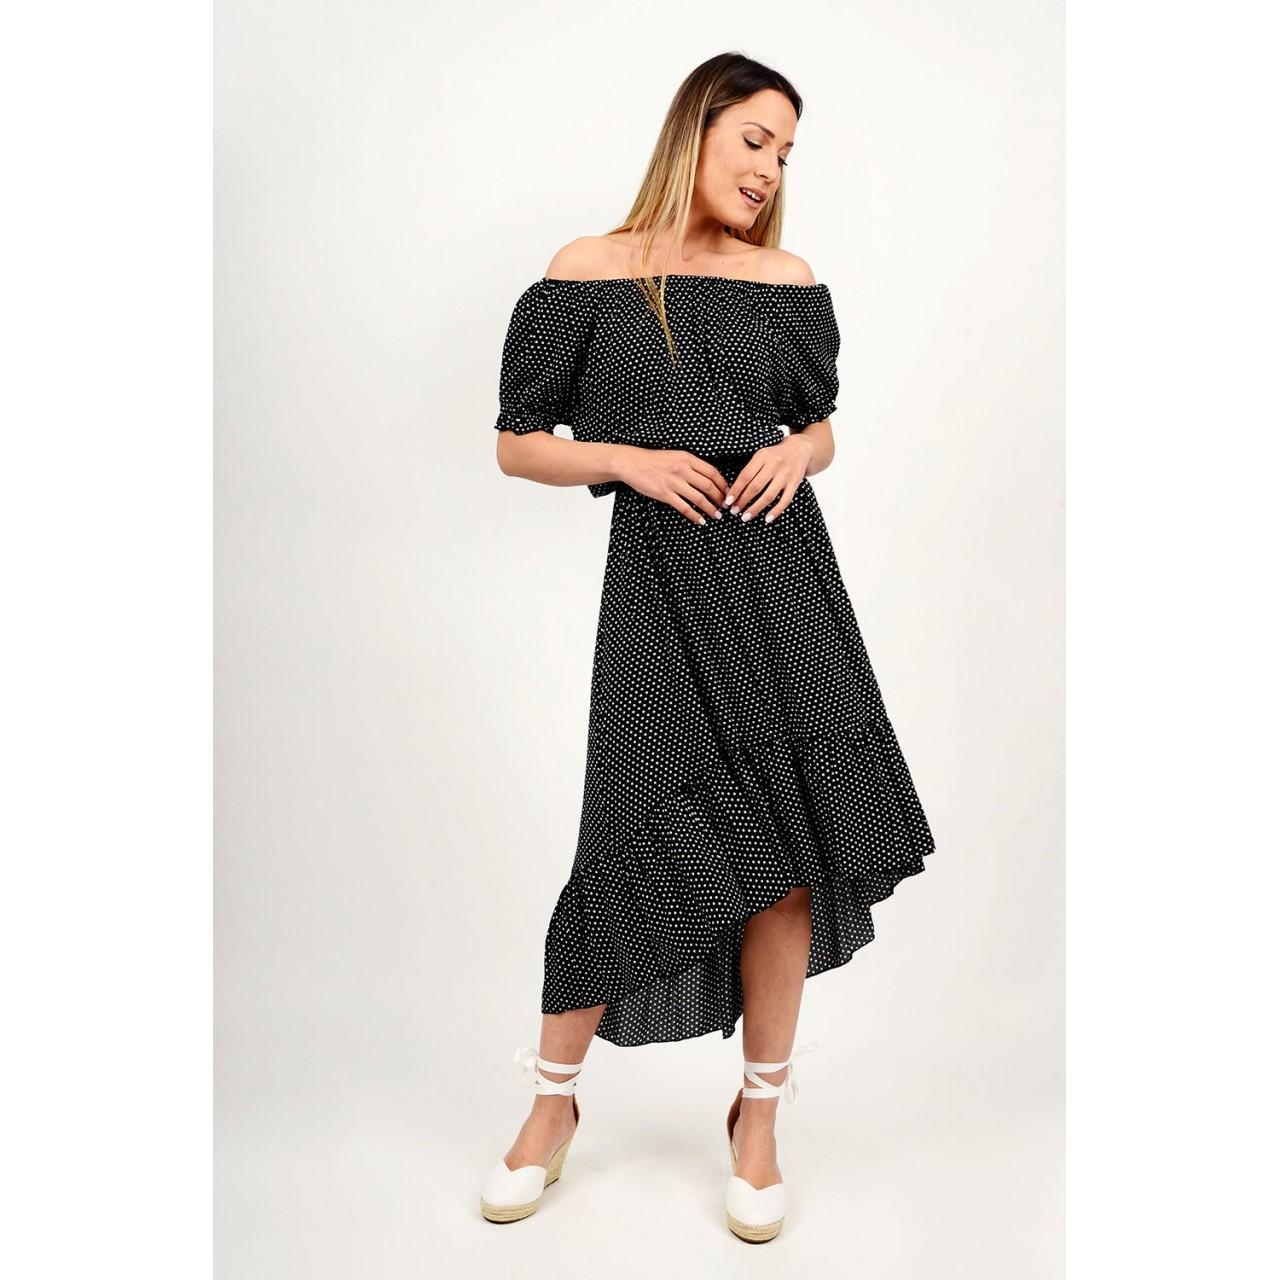 324.Φόρεμα πουά ασύμμετρο με λάστιχο